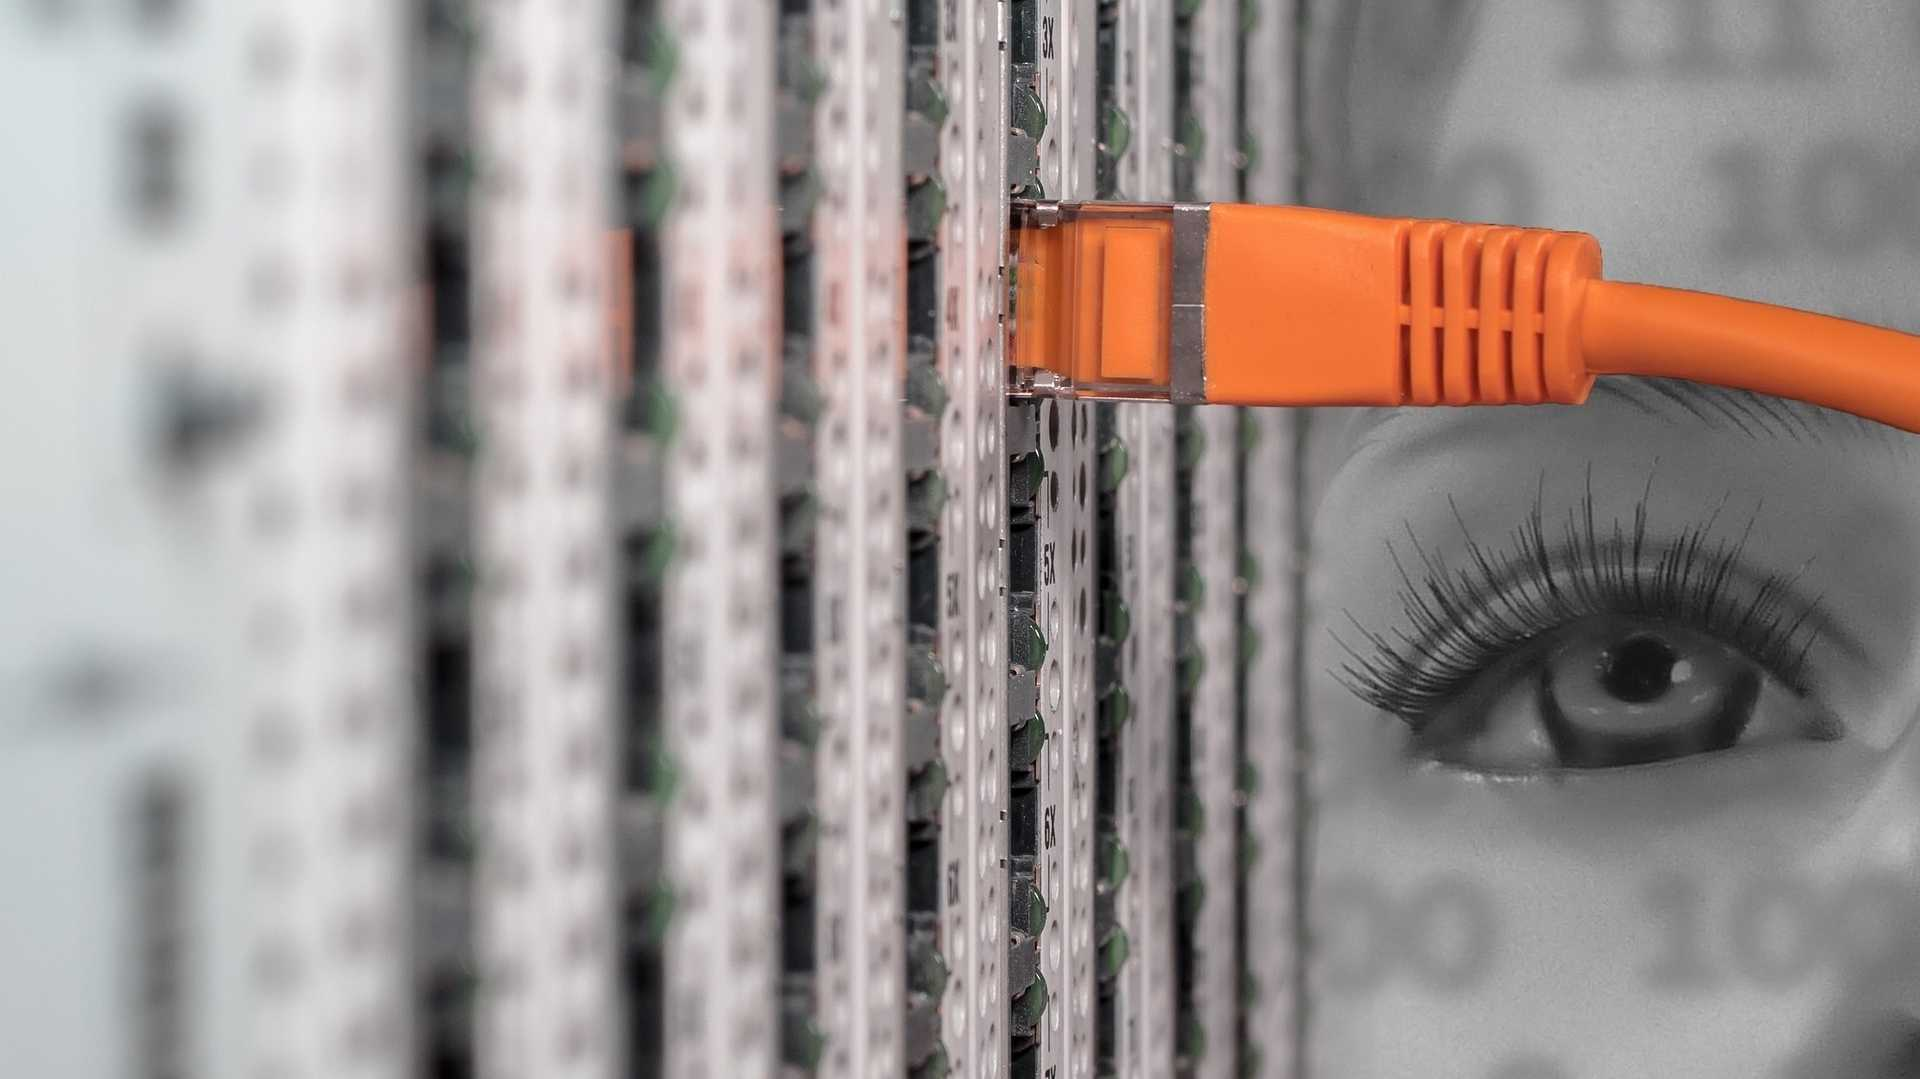 ICANN: Whois-Daten sollen stärker abgespeckt werden